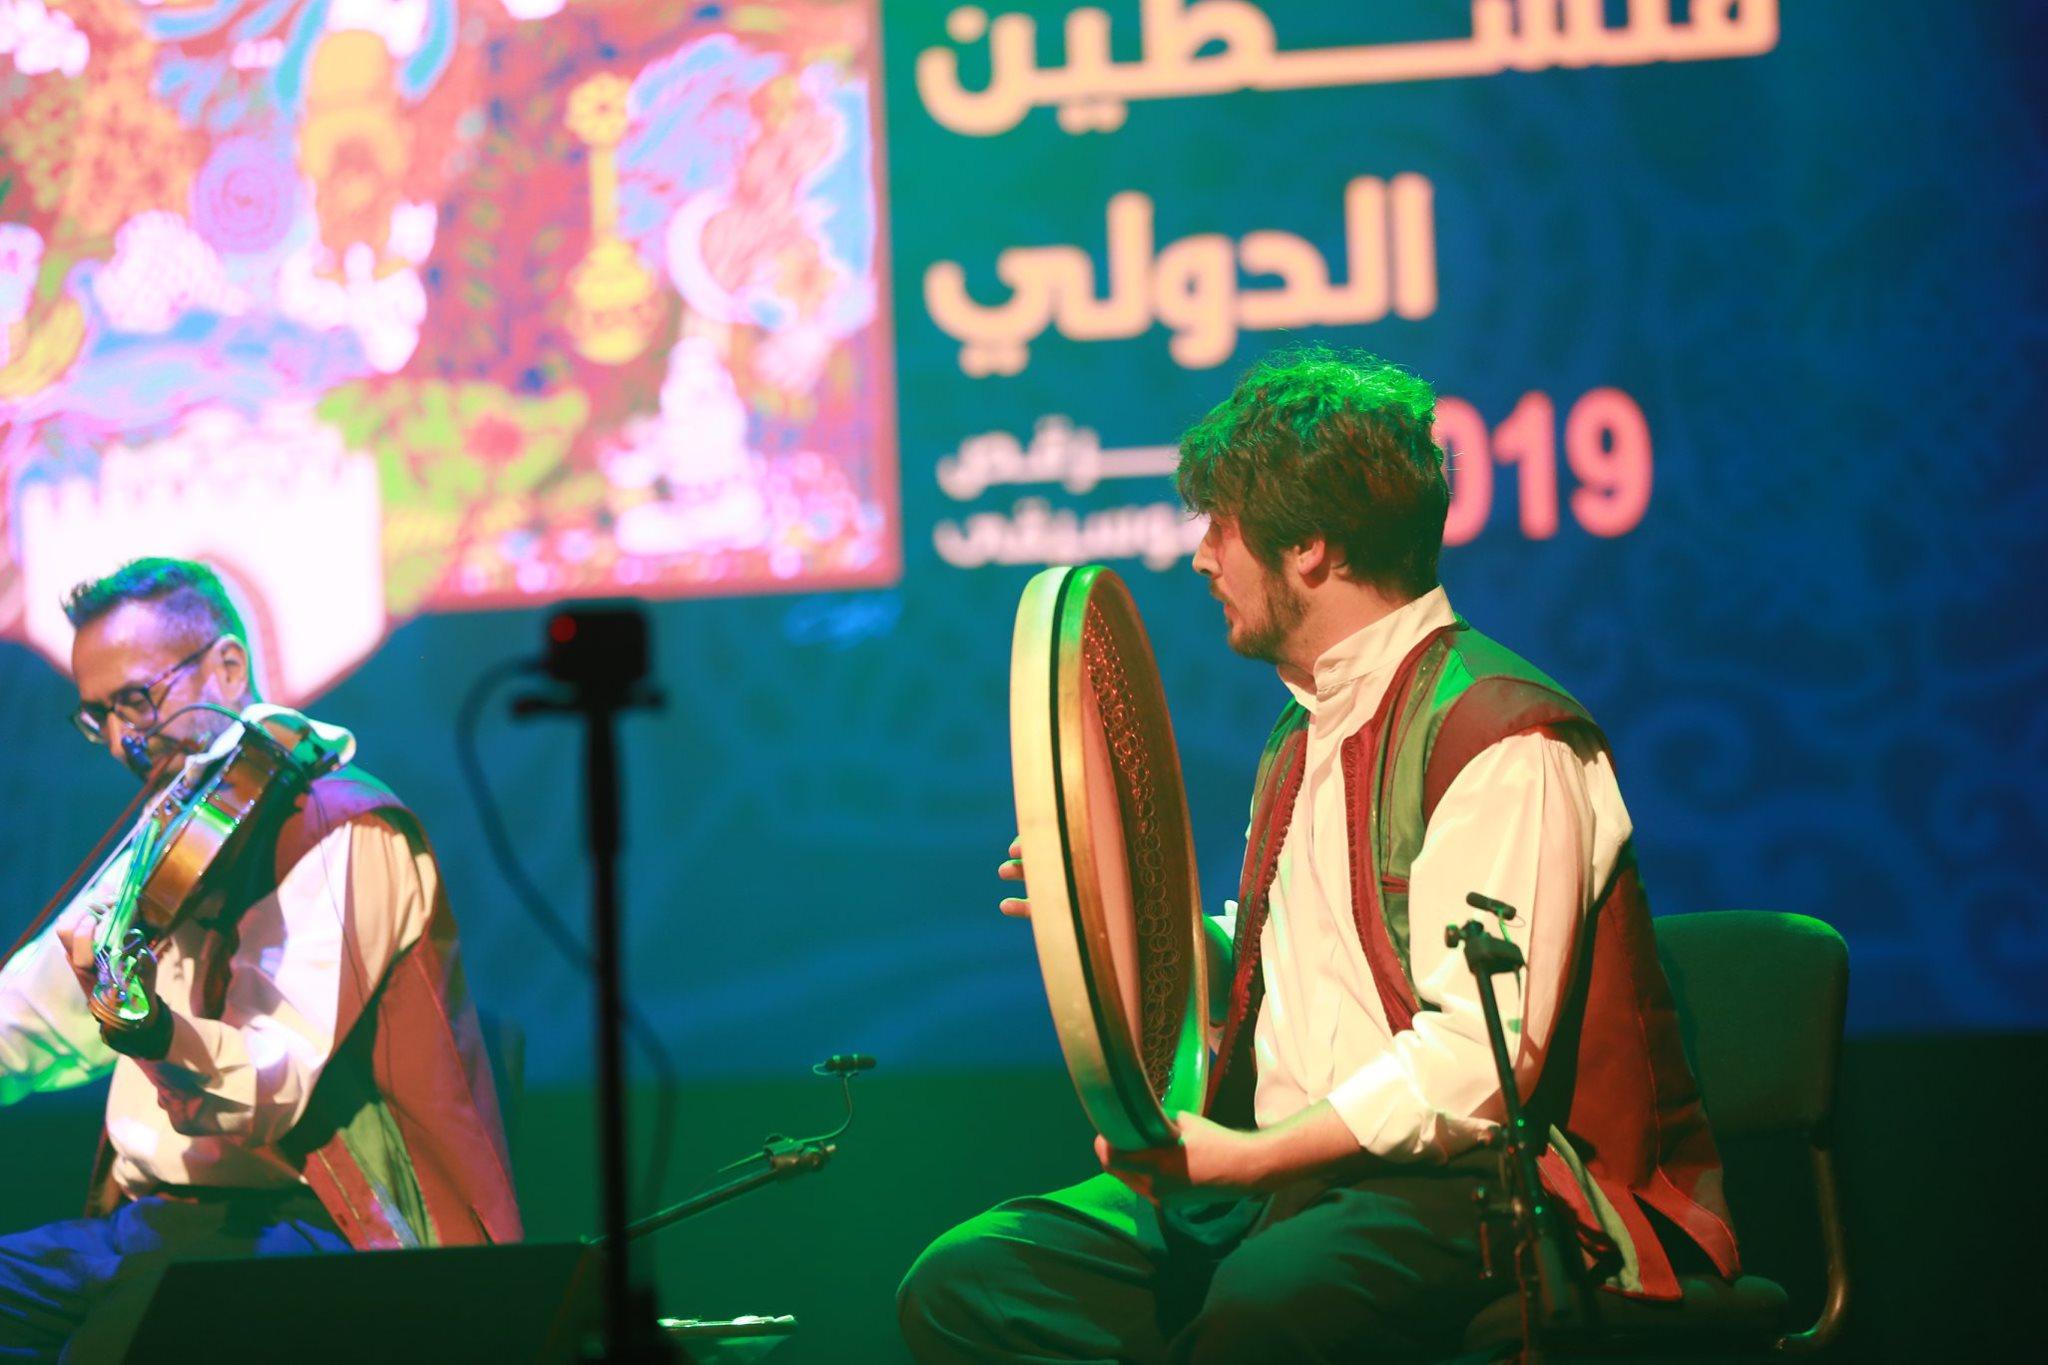 صور حفل ابن عربي في فلسطين (12)